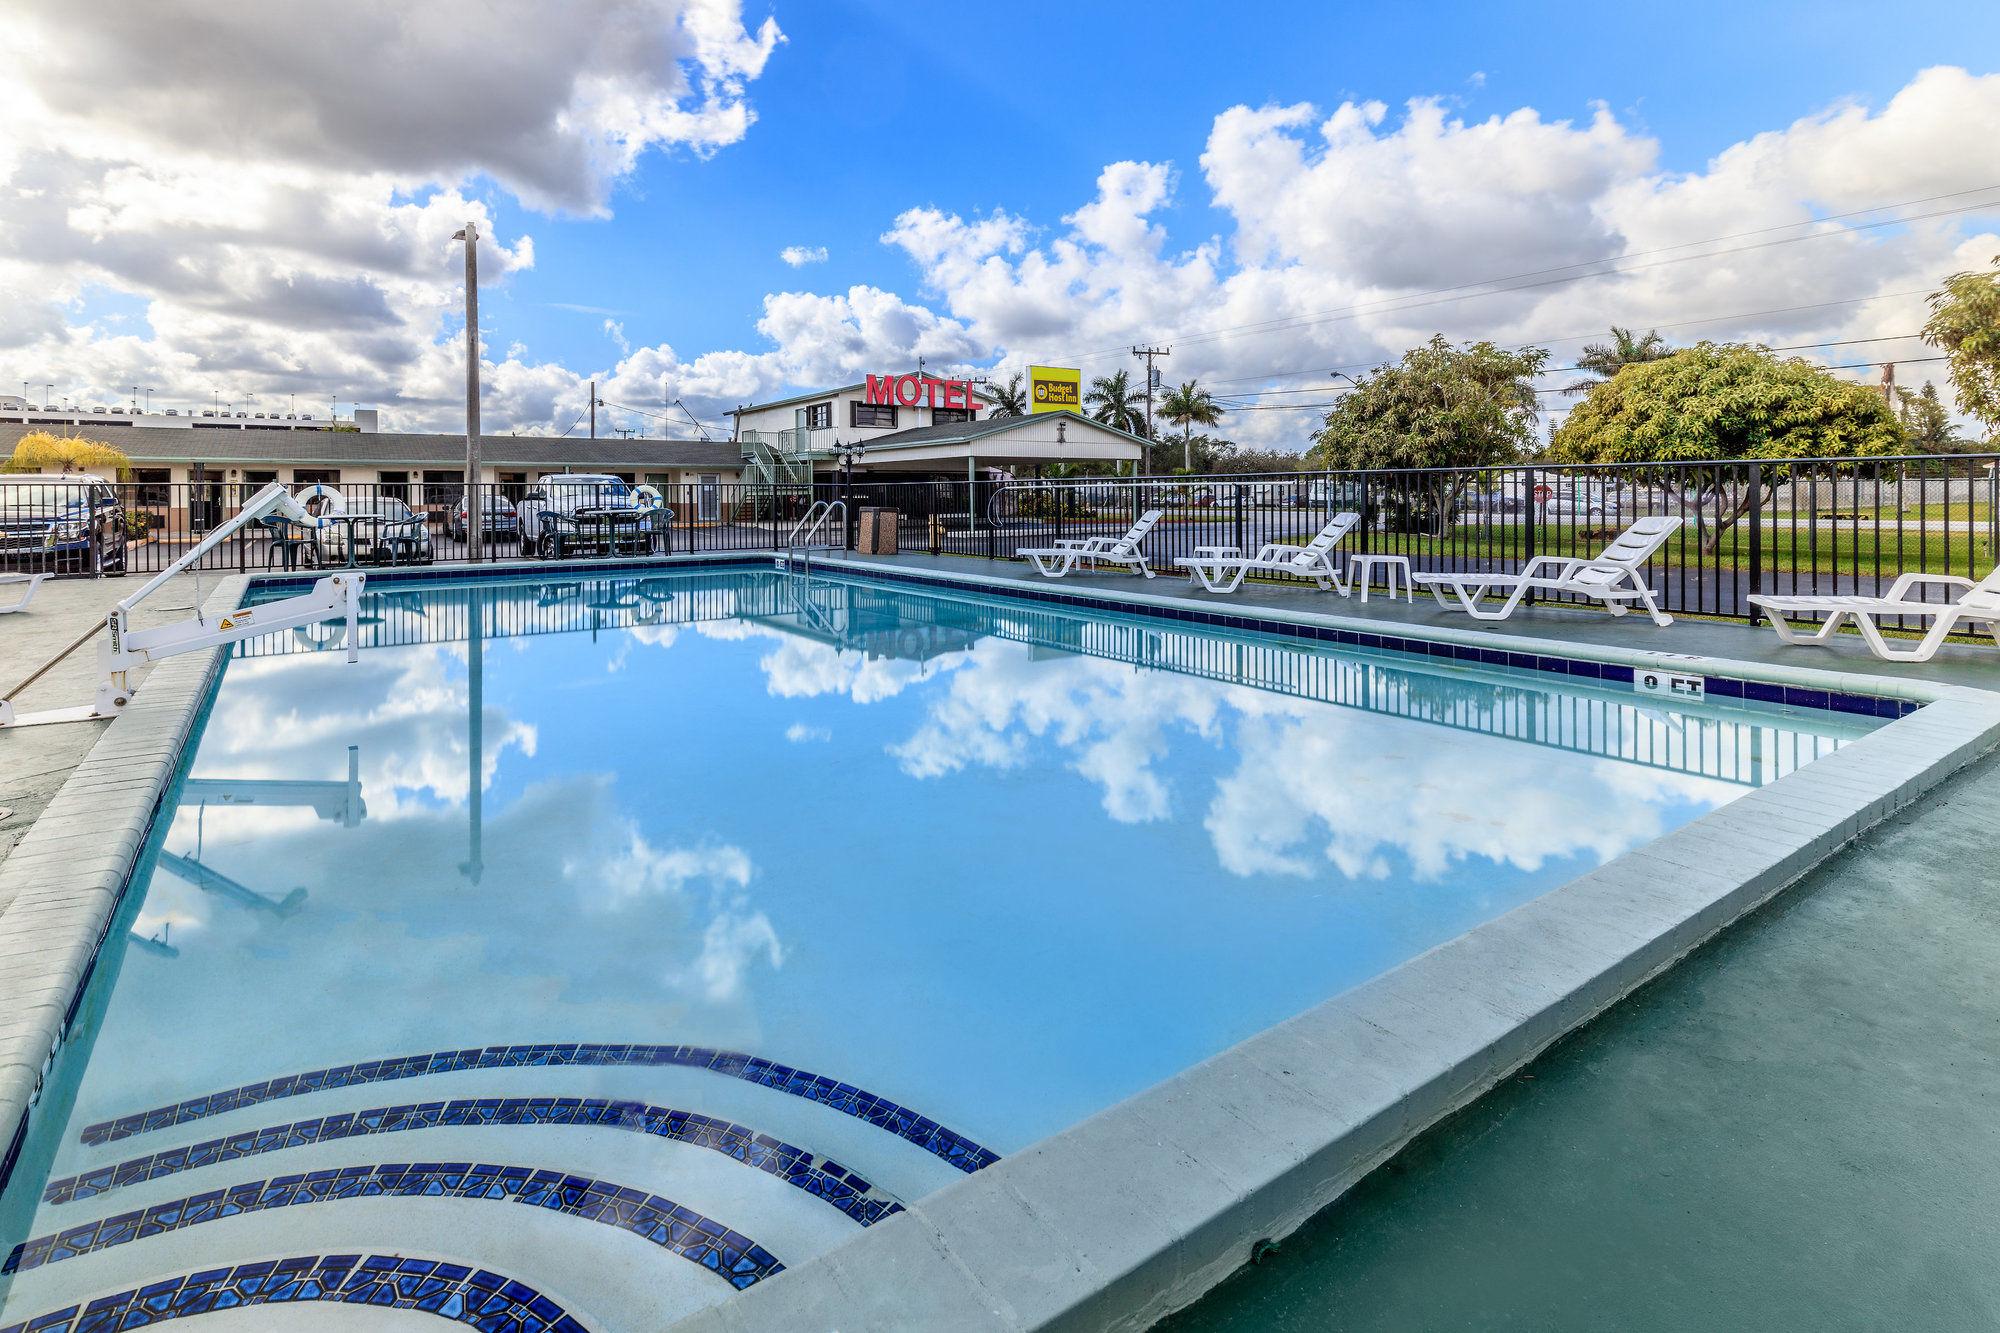 Budget Host Inn in Homestead, FL